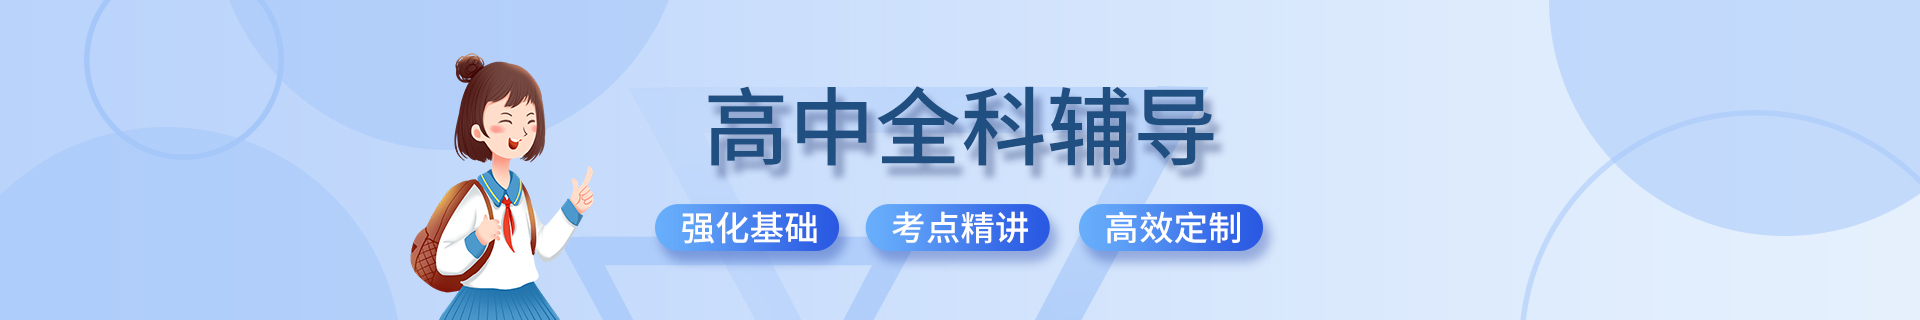 邯郸邯山区励学中小学辅导培训